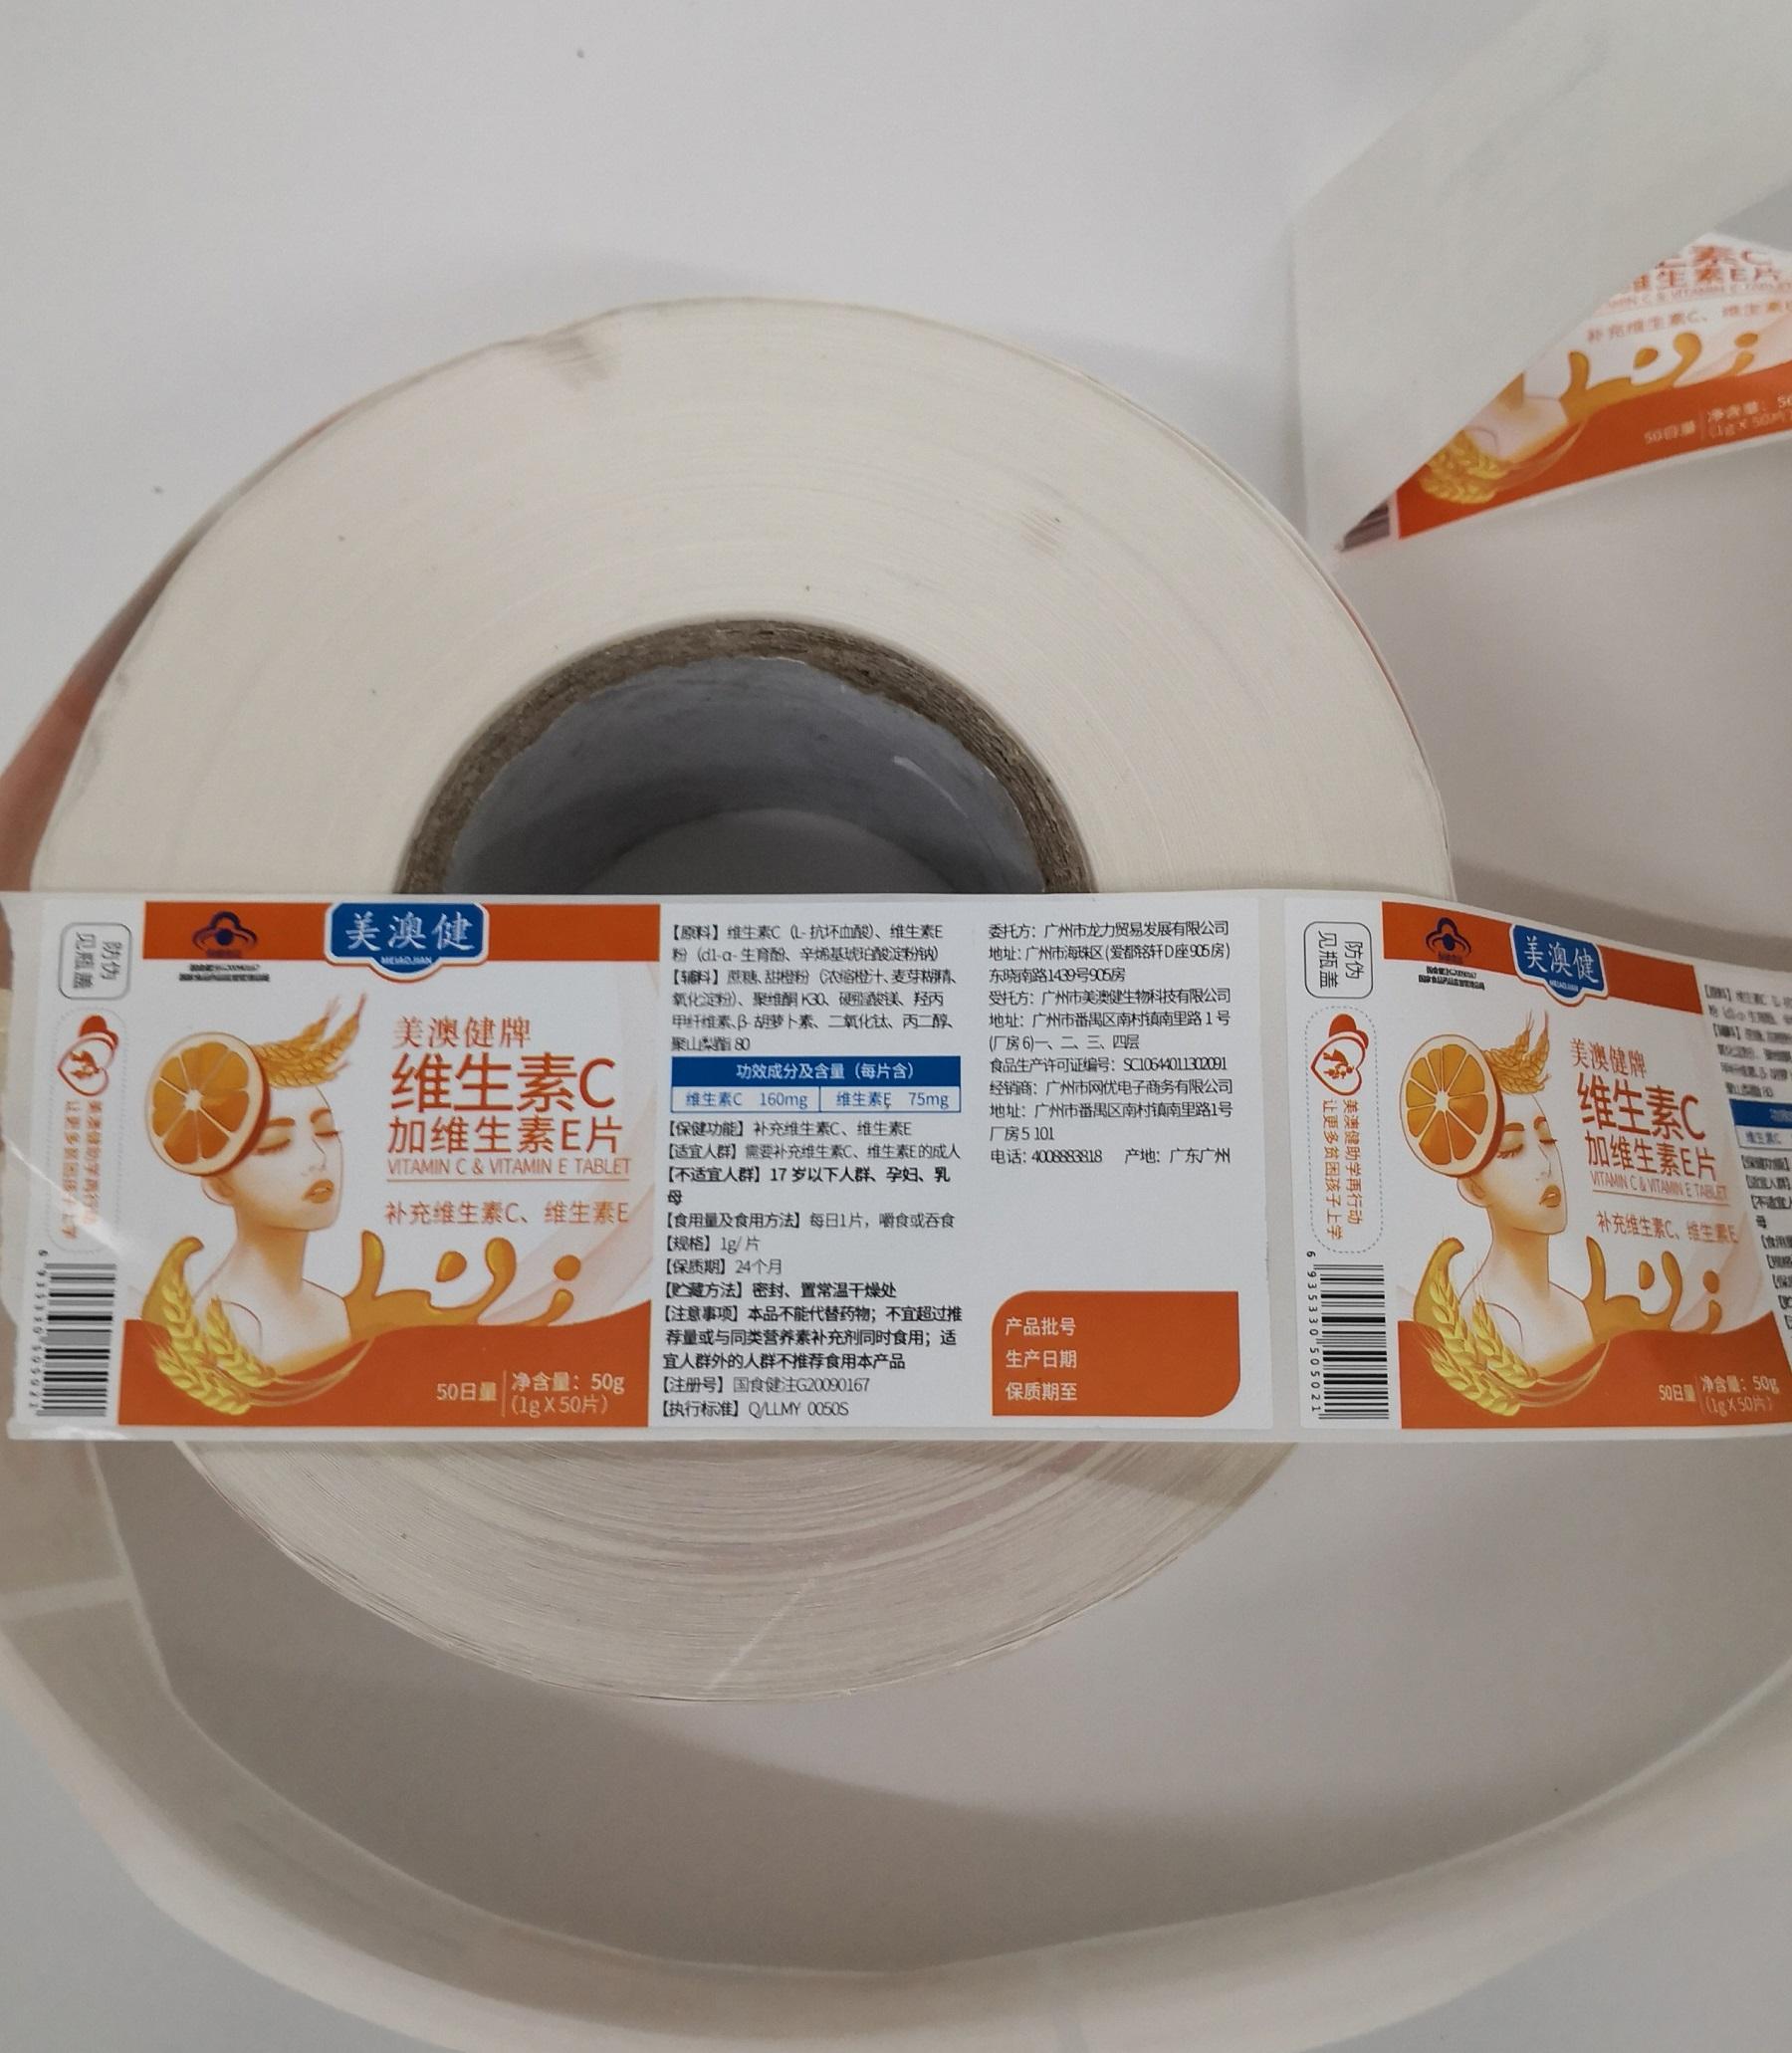 西宁门票印刷烫金标签印刷专业定制